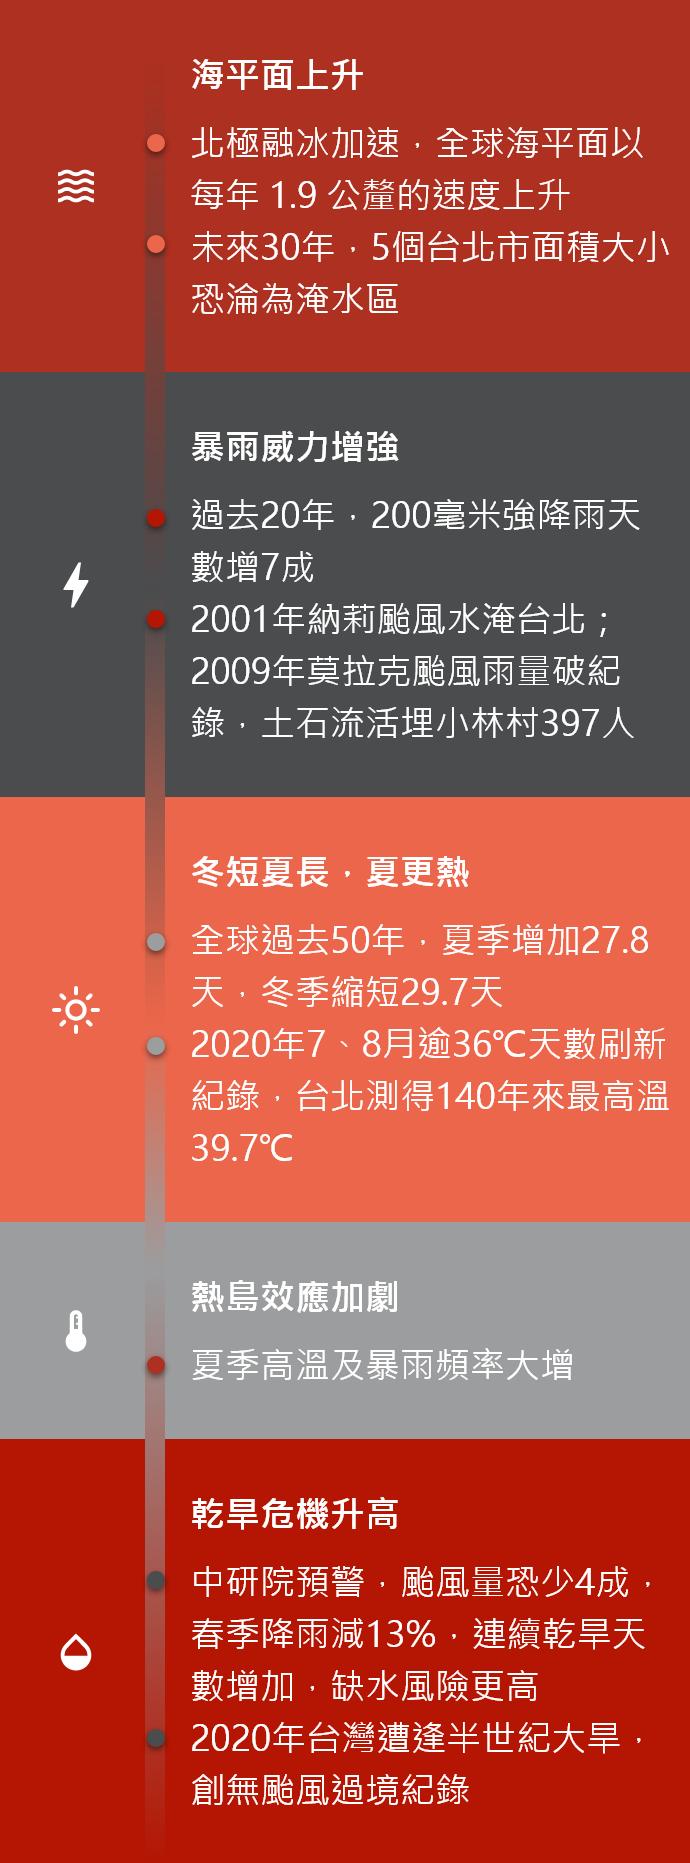 資料來源/工研院、中研院、氣象局<br>製表/鄭朝陽